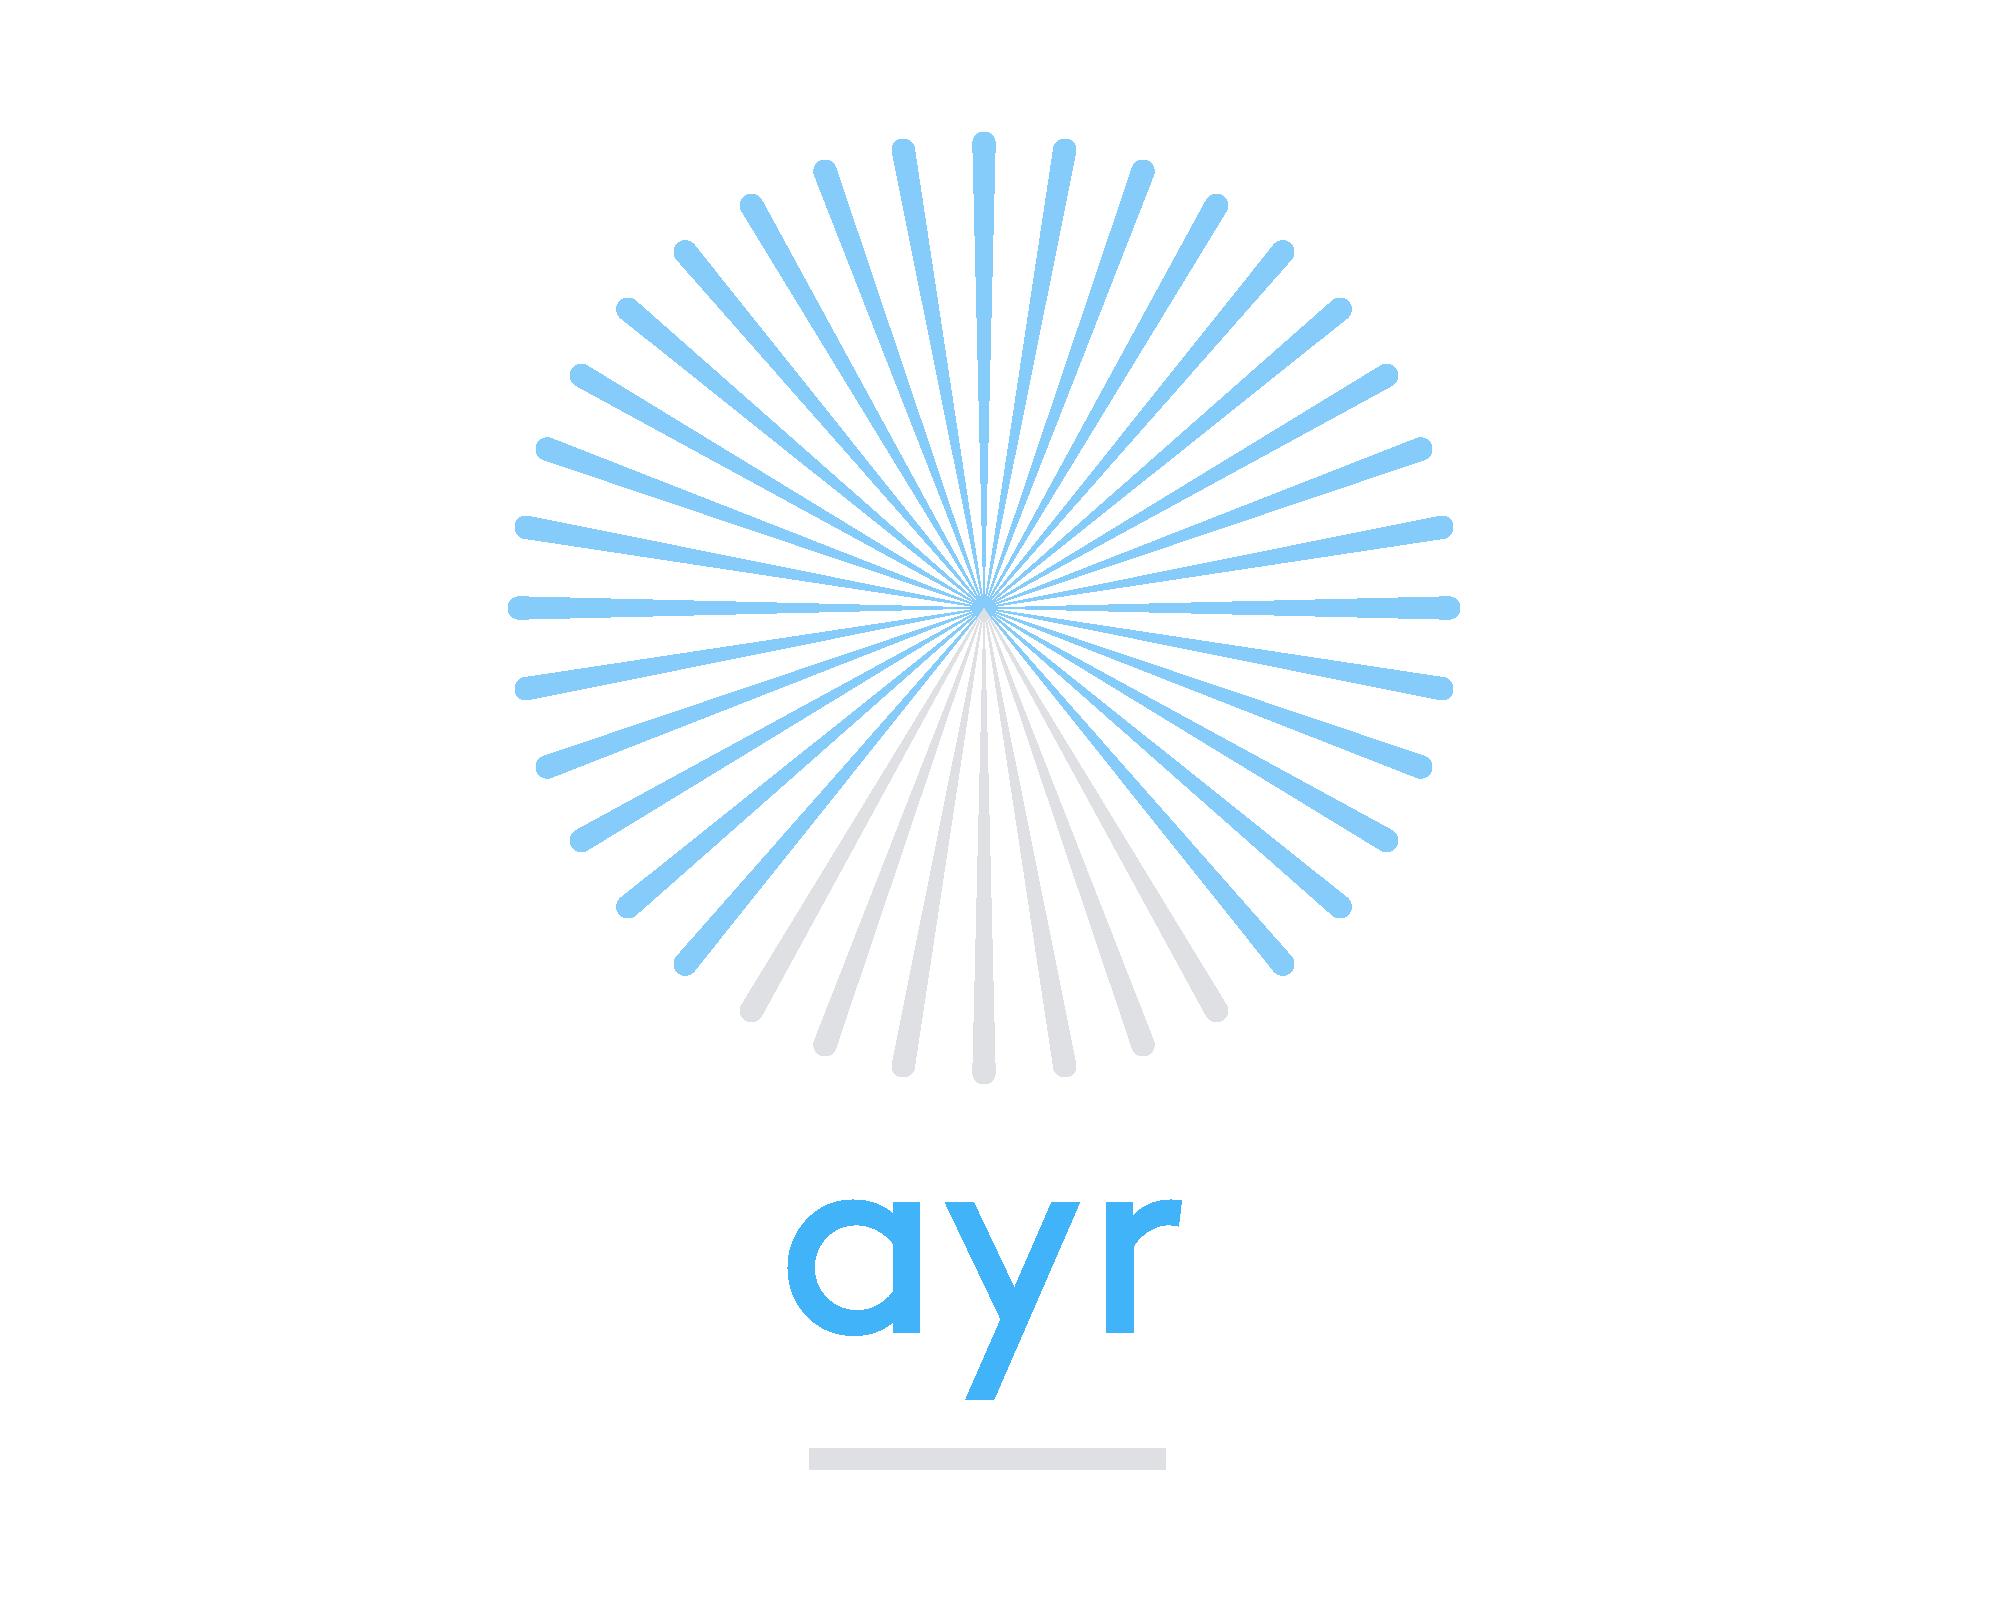 ayr_oneness circle_lockup